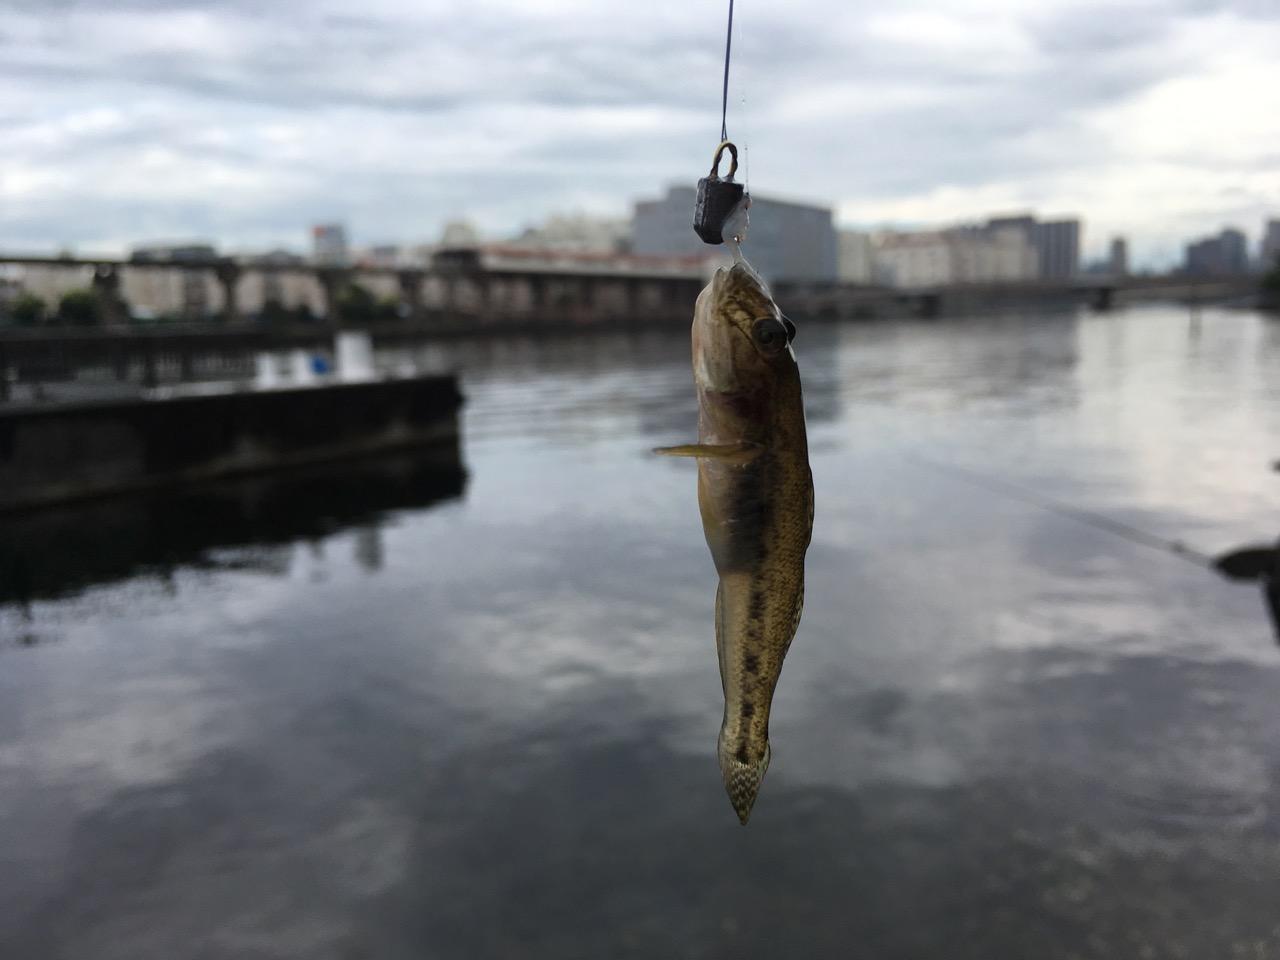 京浜運河でハゼ釣り